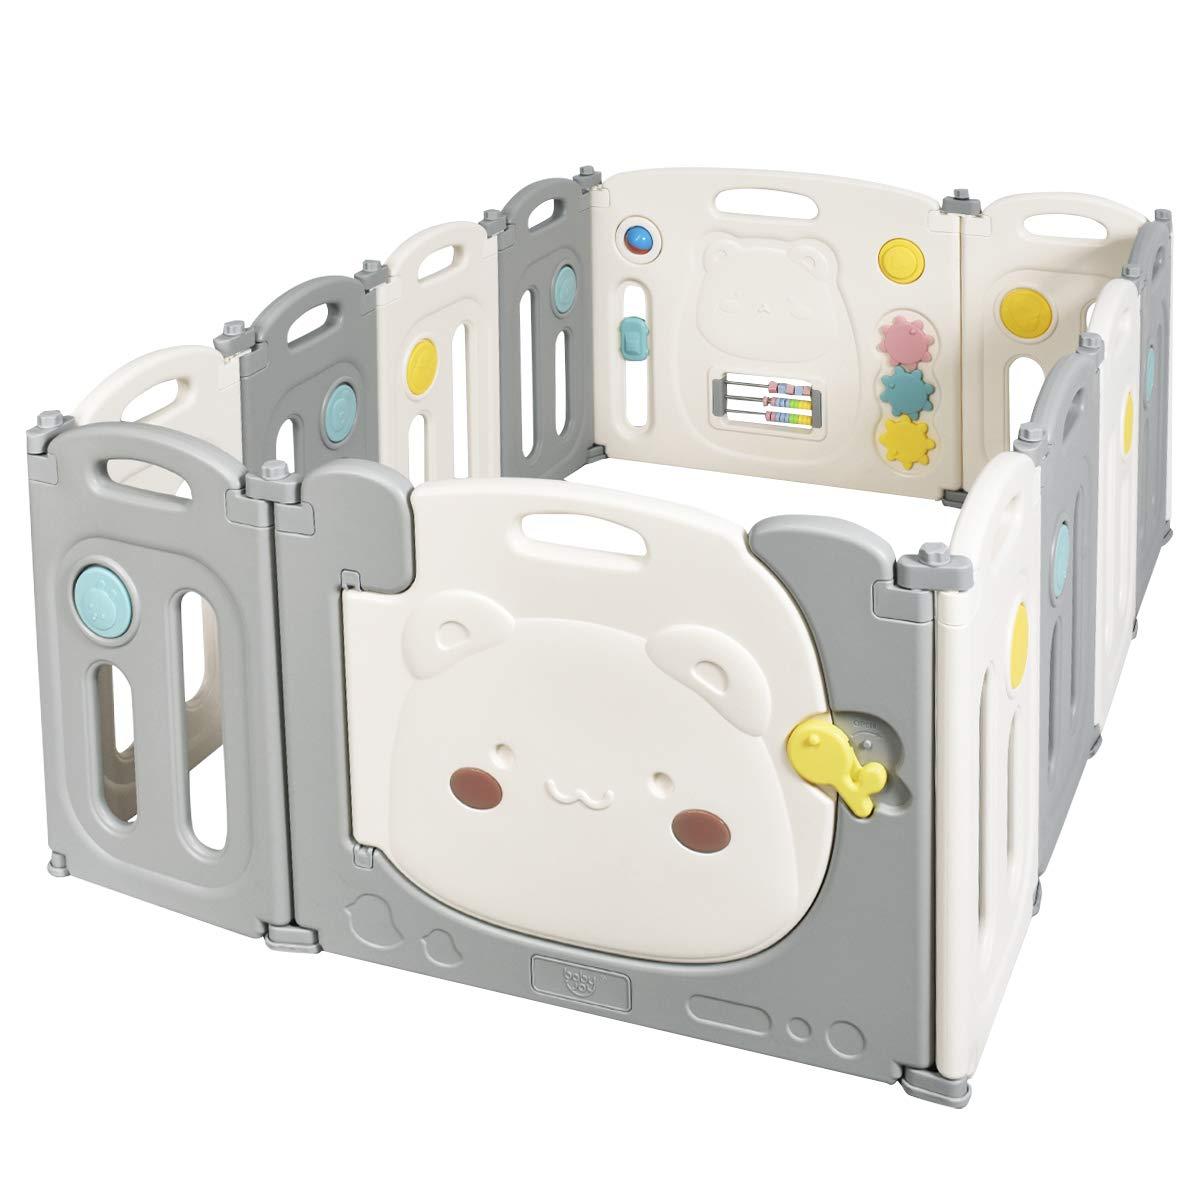 COSTWAY Parque Infantil Beb/é con 12 Paneles Plegable Centro de Actividad para Ni/ños Barrera de Seguridad con Puerta Valla de Juego